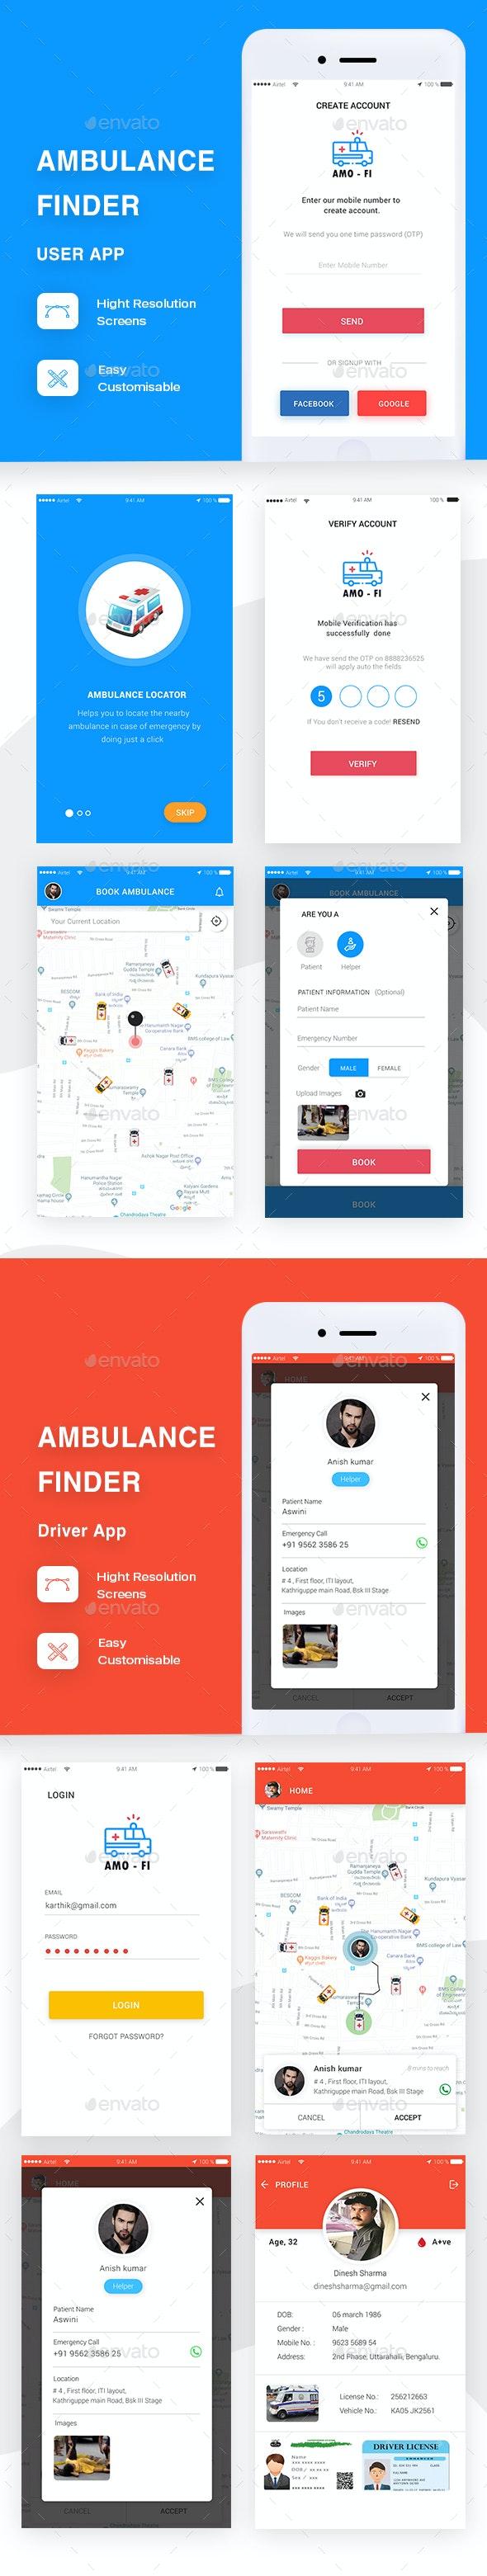 Ambulance Finder App Full UI By Brandzinkind